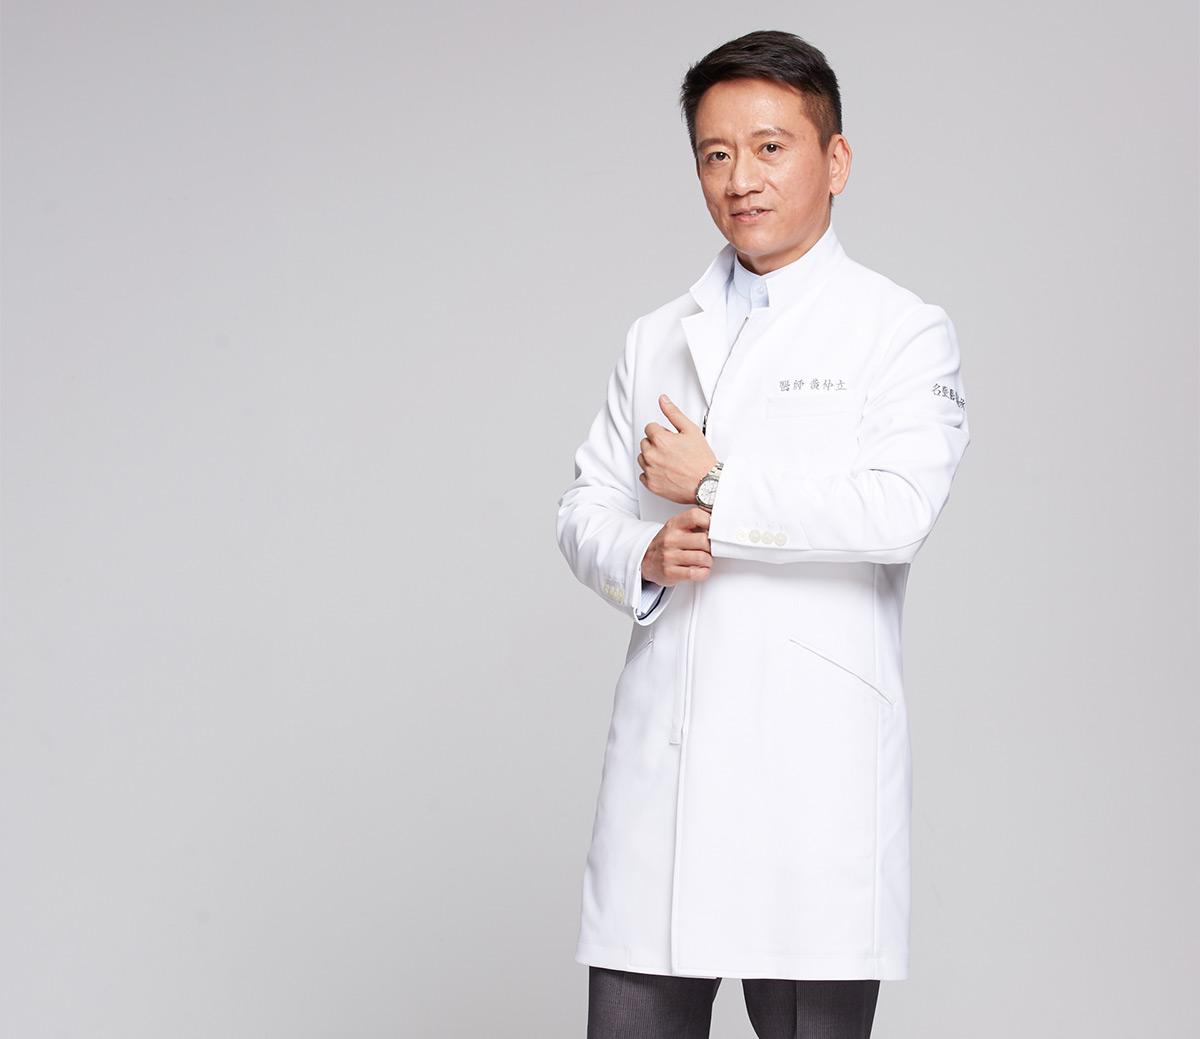 太瑿生醫集團 1